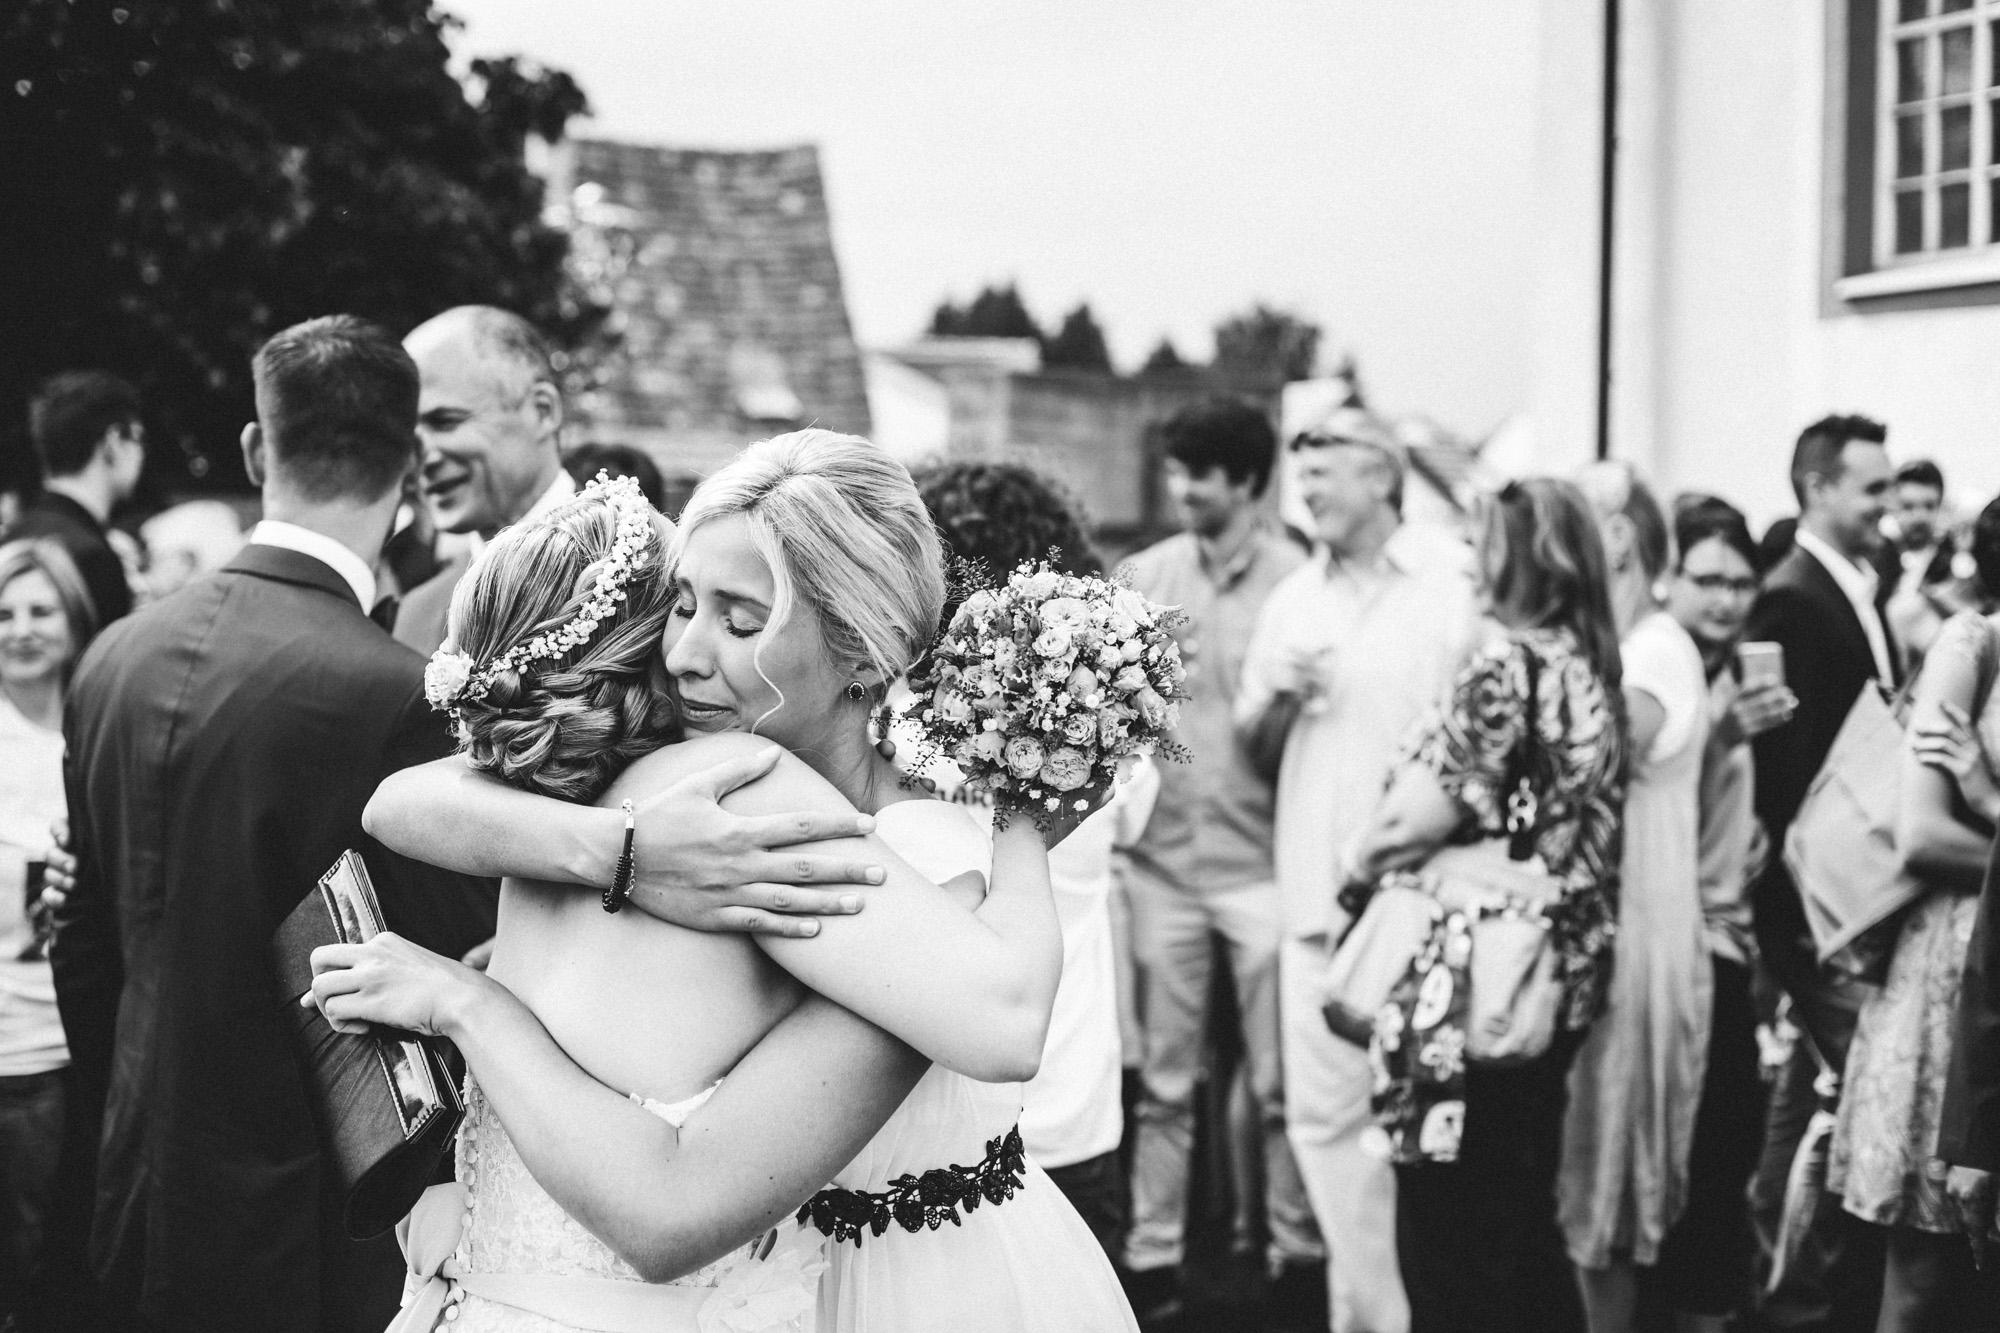 hannah und elias 209 - Schwarz-Weiß Hochzeit